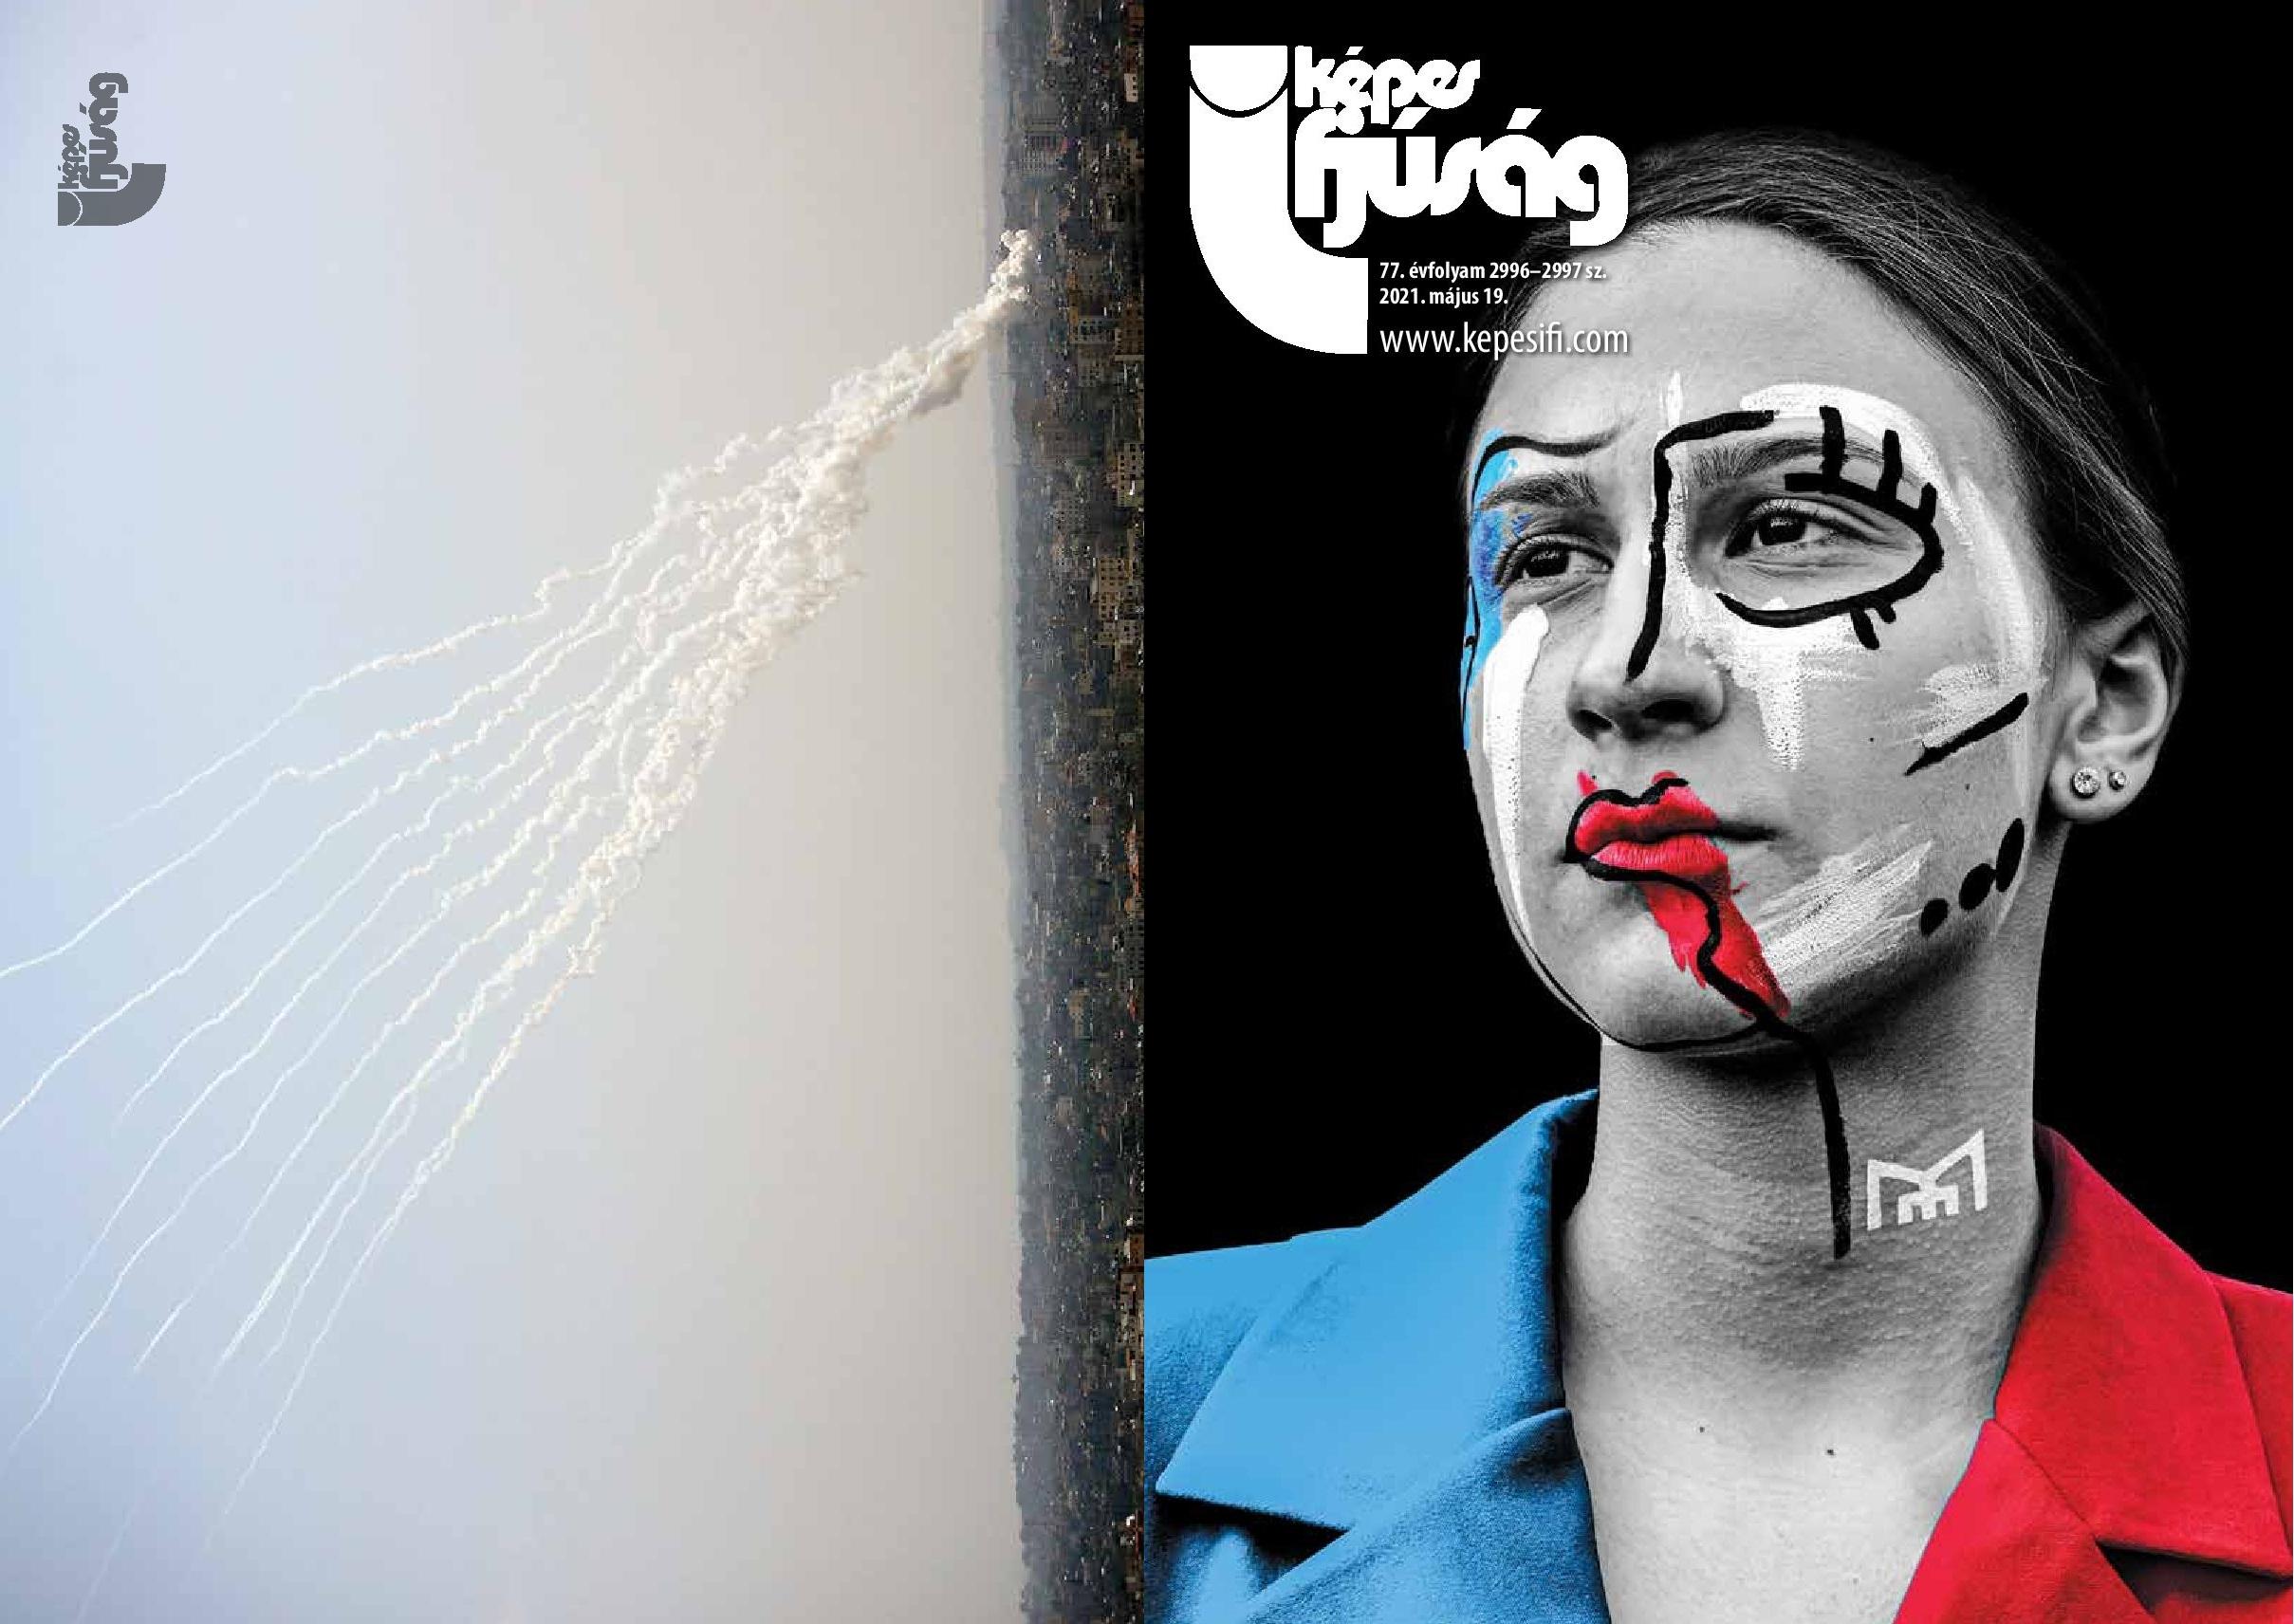 Címoldal: Magosi Máté Hátsó oldal: timesofisrael.com